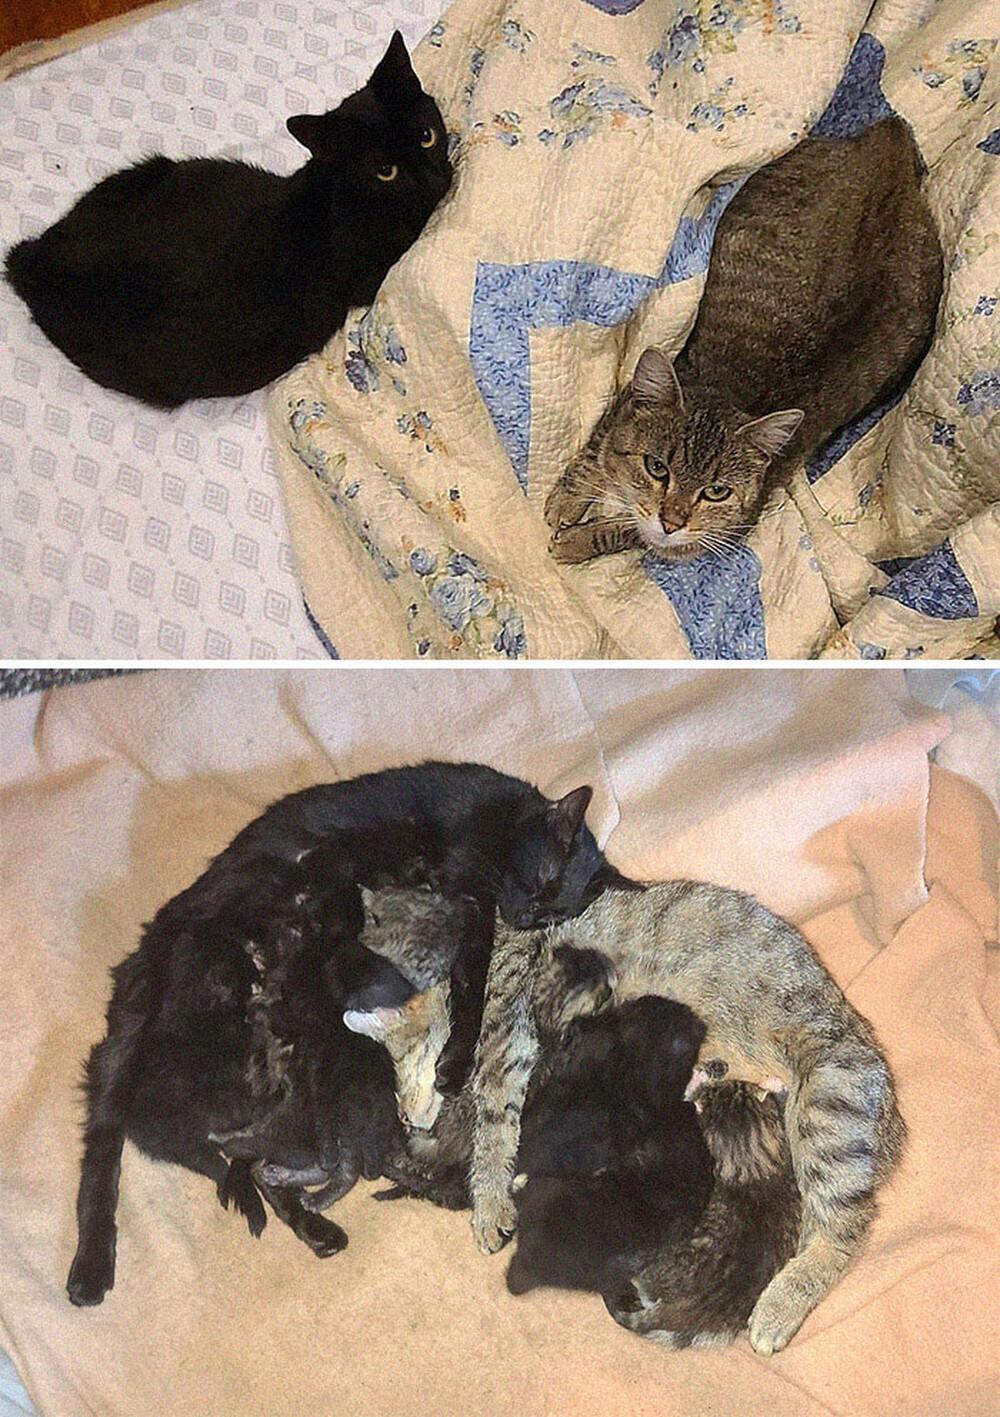 Mèo cưng sinh con, cô gái thấy 1 bé kỳ lạ liền đem đi khám rồi ngỡ ngàng phát hiện nó không phải mèo thường - Ảnh 2.